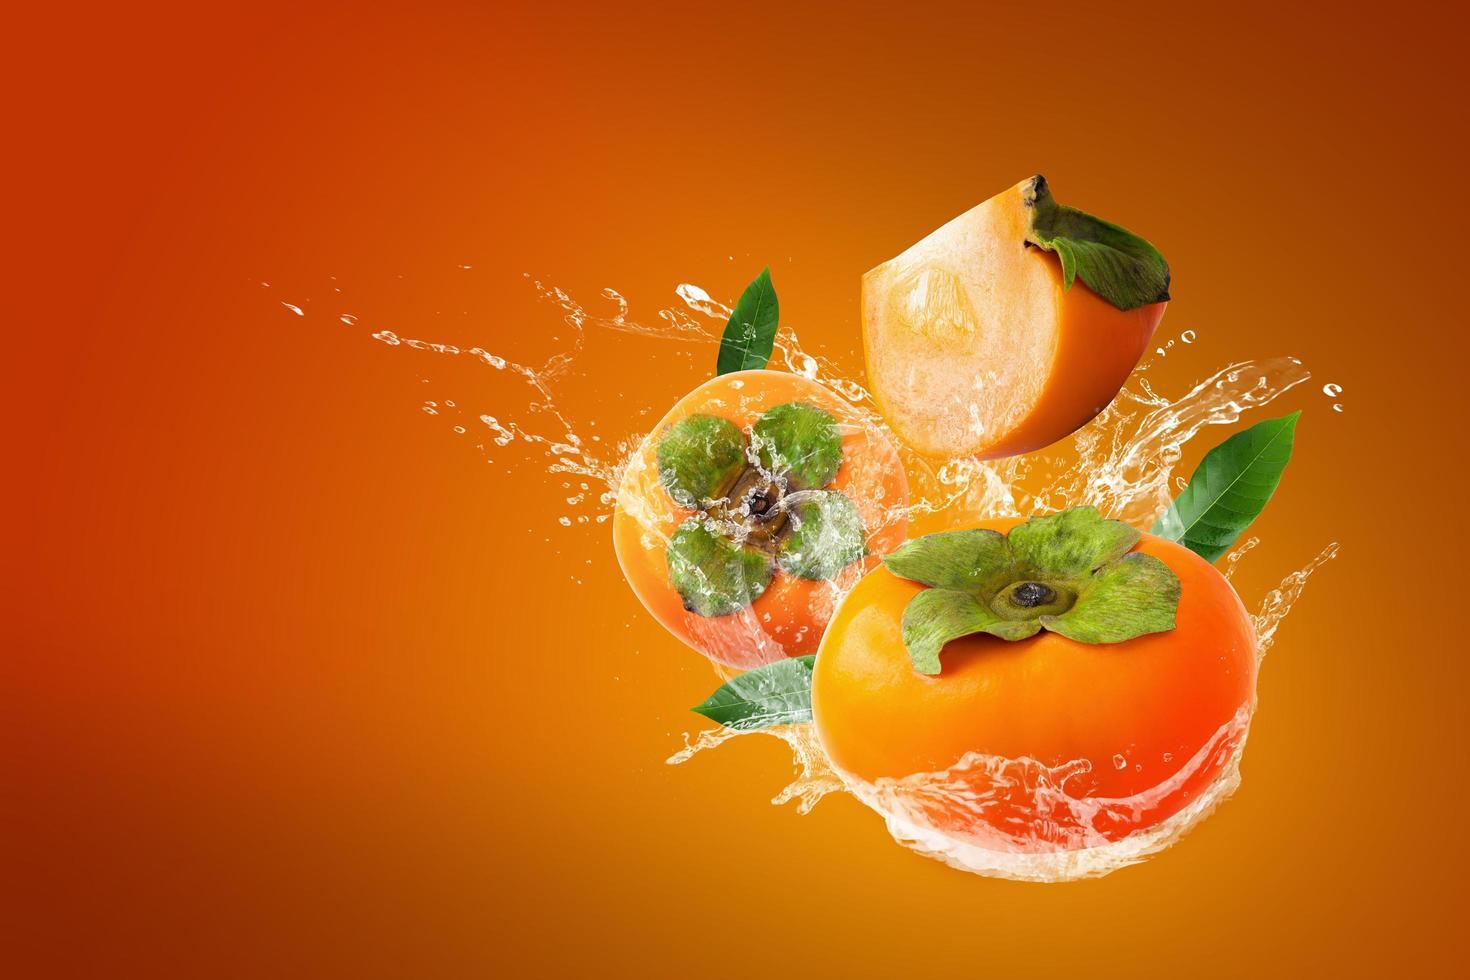 Water splashing on fresh persimmons  photo